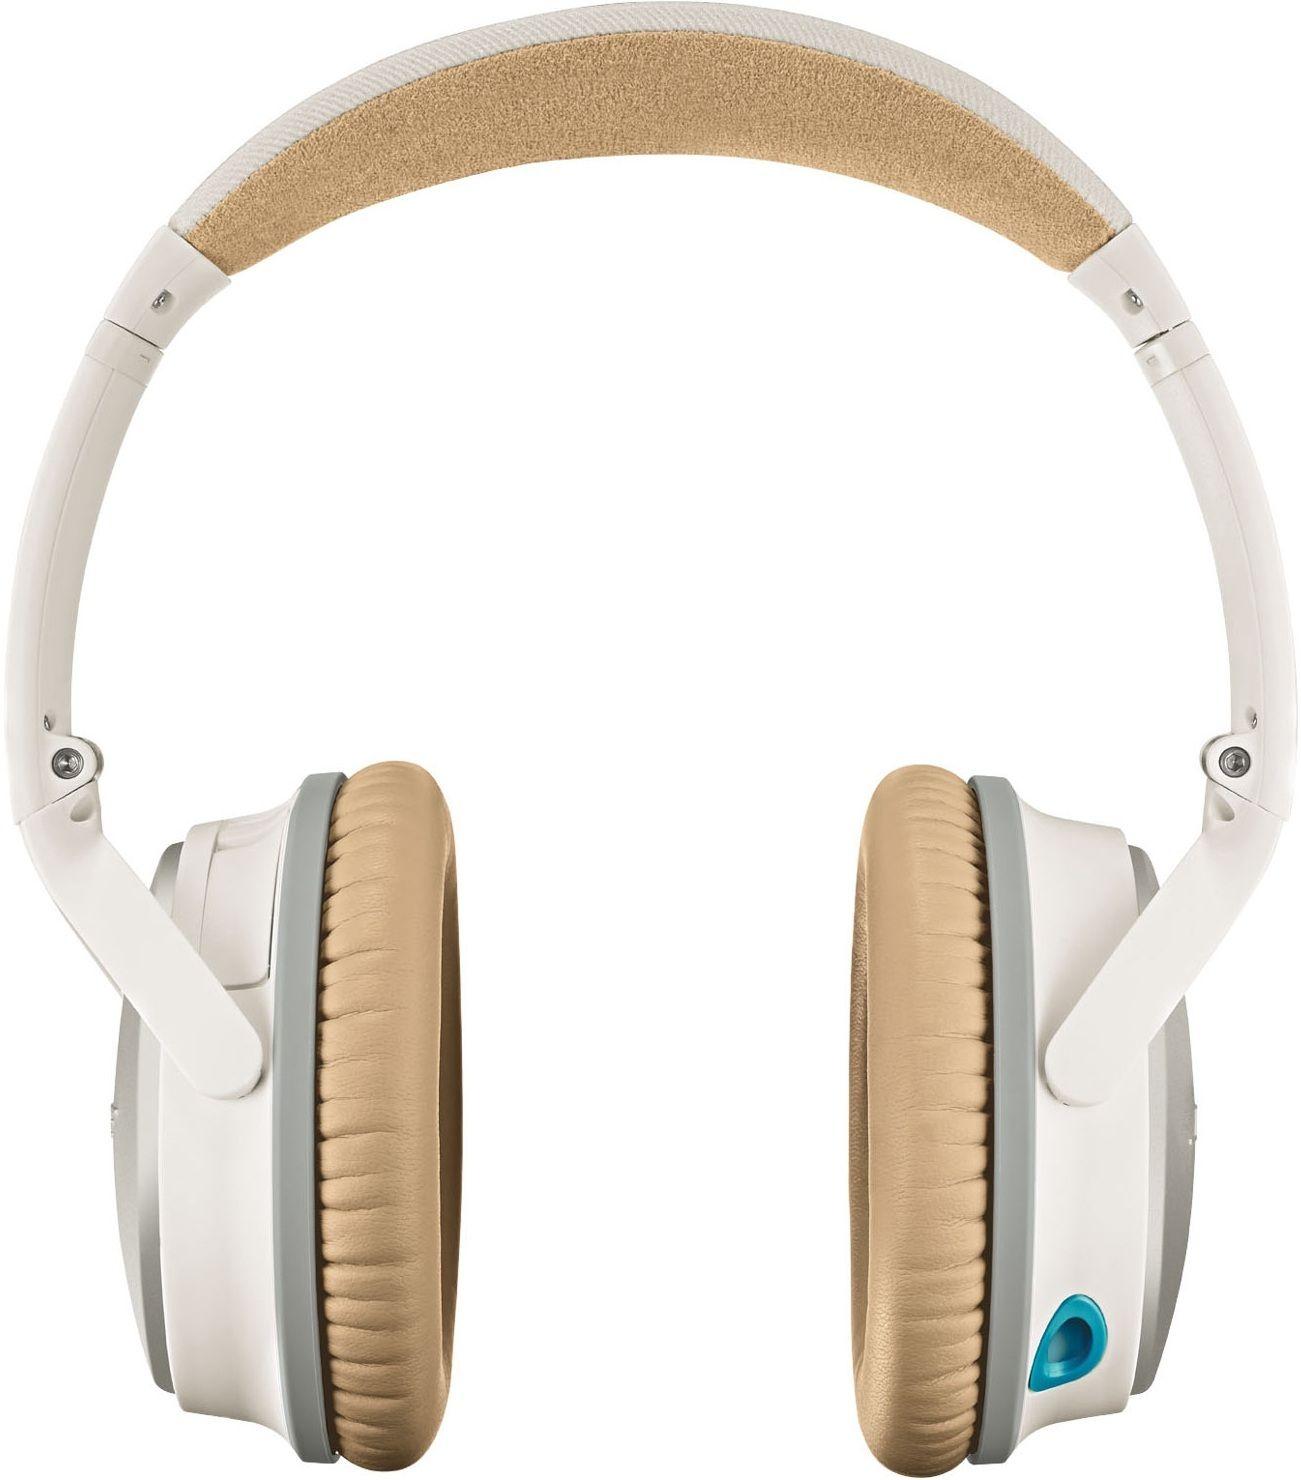 Купить гарнитура Bose Наушники с шумоподавлением QuietComfort 25 в интернет магазине. Цены, фото, описания, характеристики, отзывы, обзоры